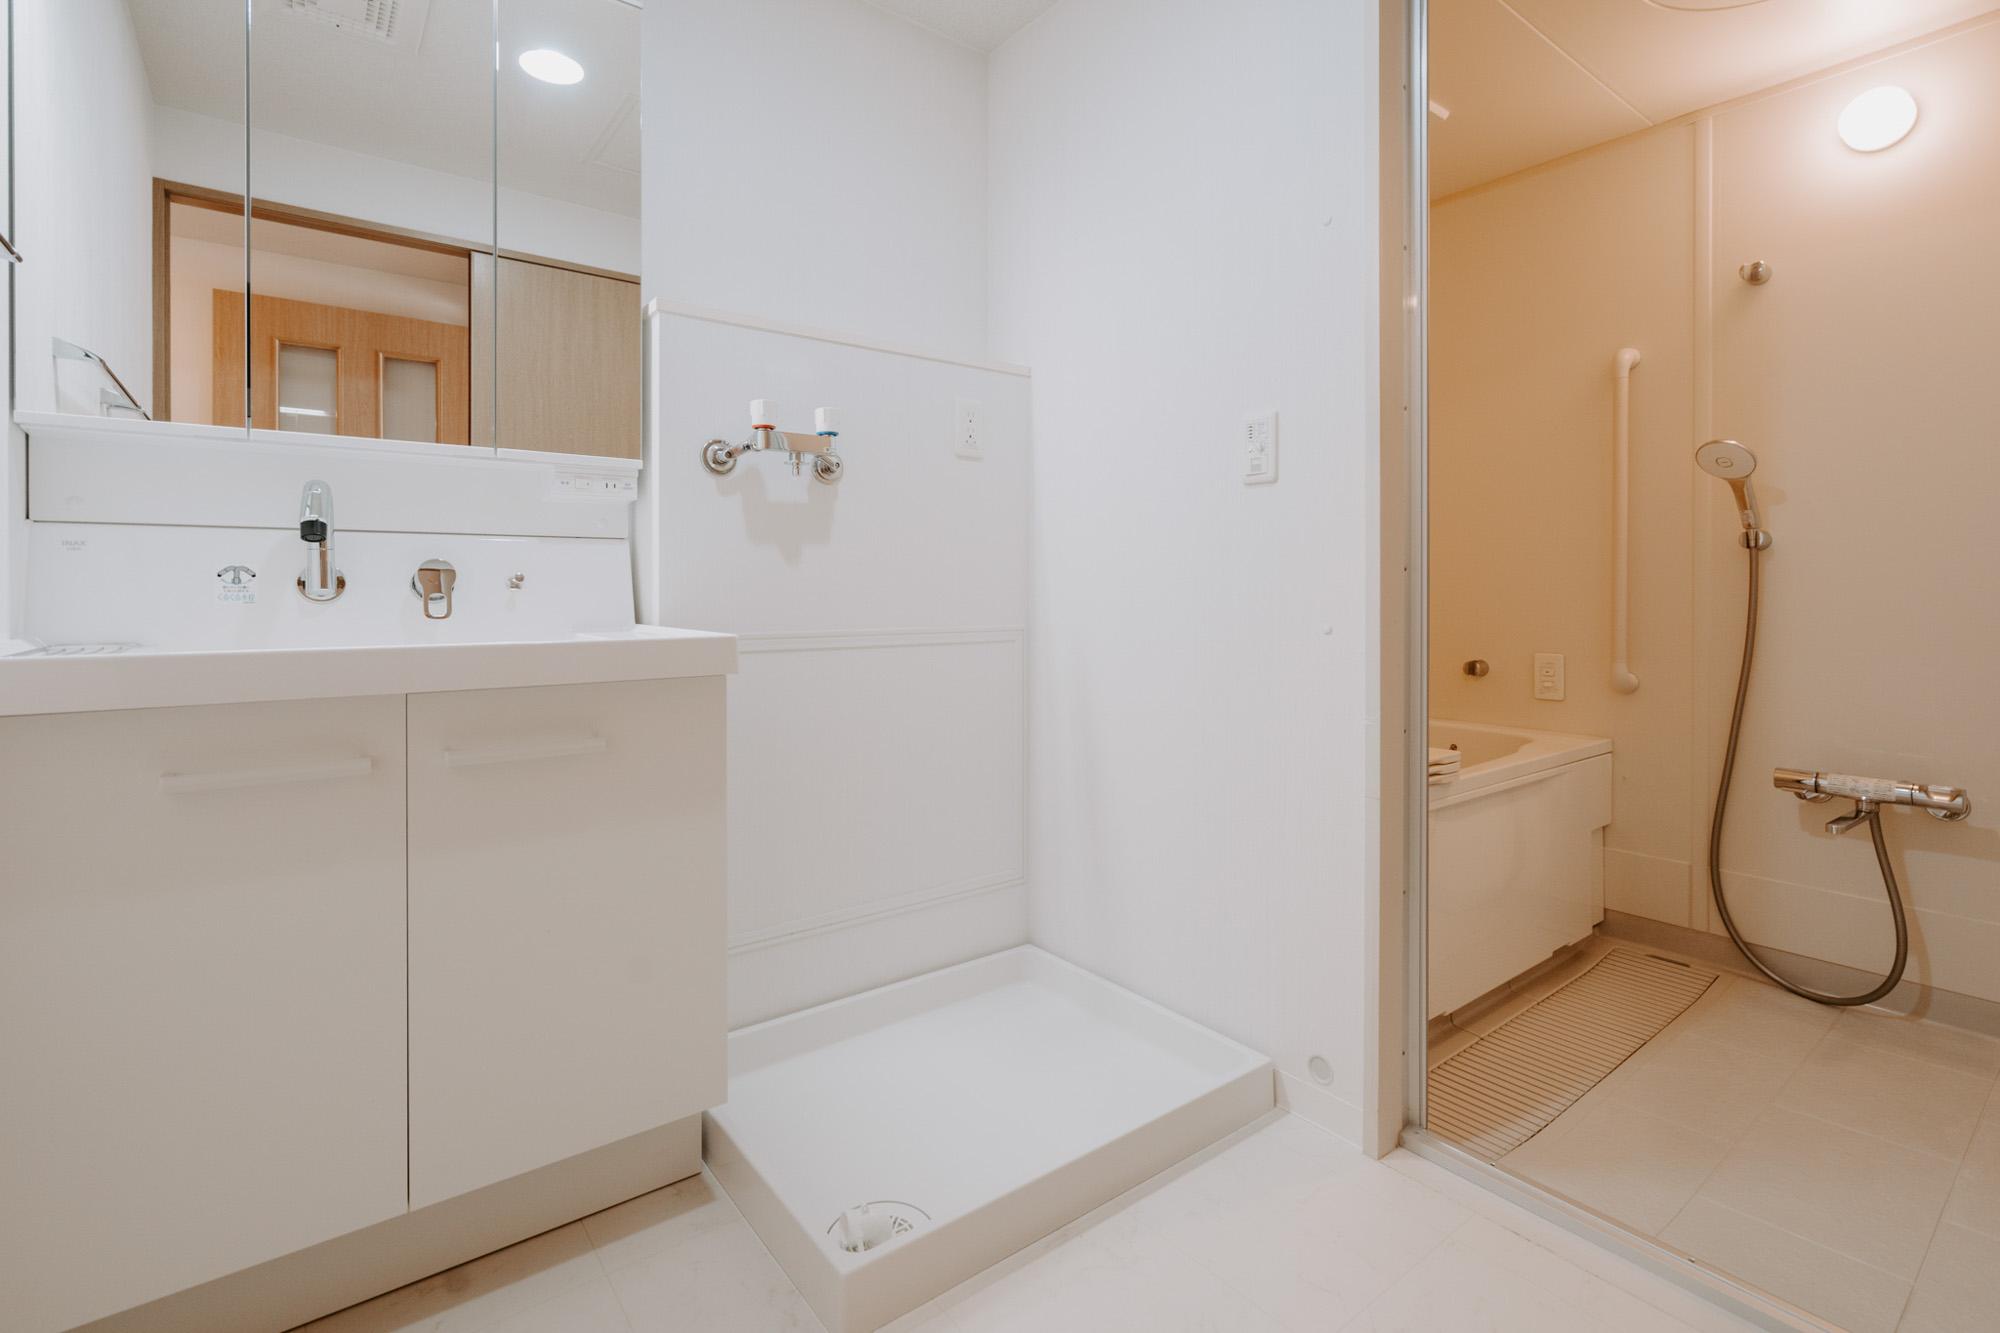 独立洗面台も、鏡が大きく使いやすそうなものに変えられています。脱衣スペースが広く、家族でお風呂に入る時にも安心。